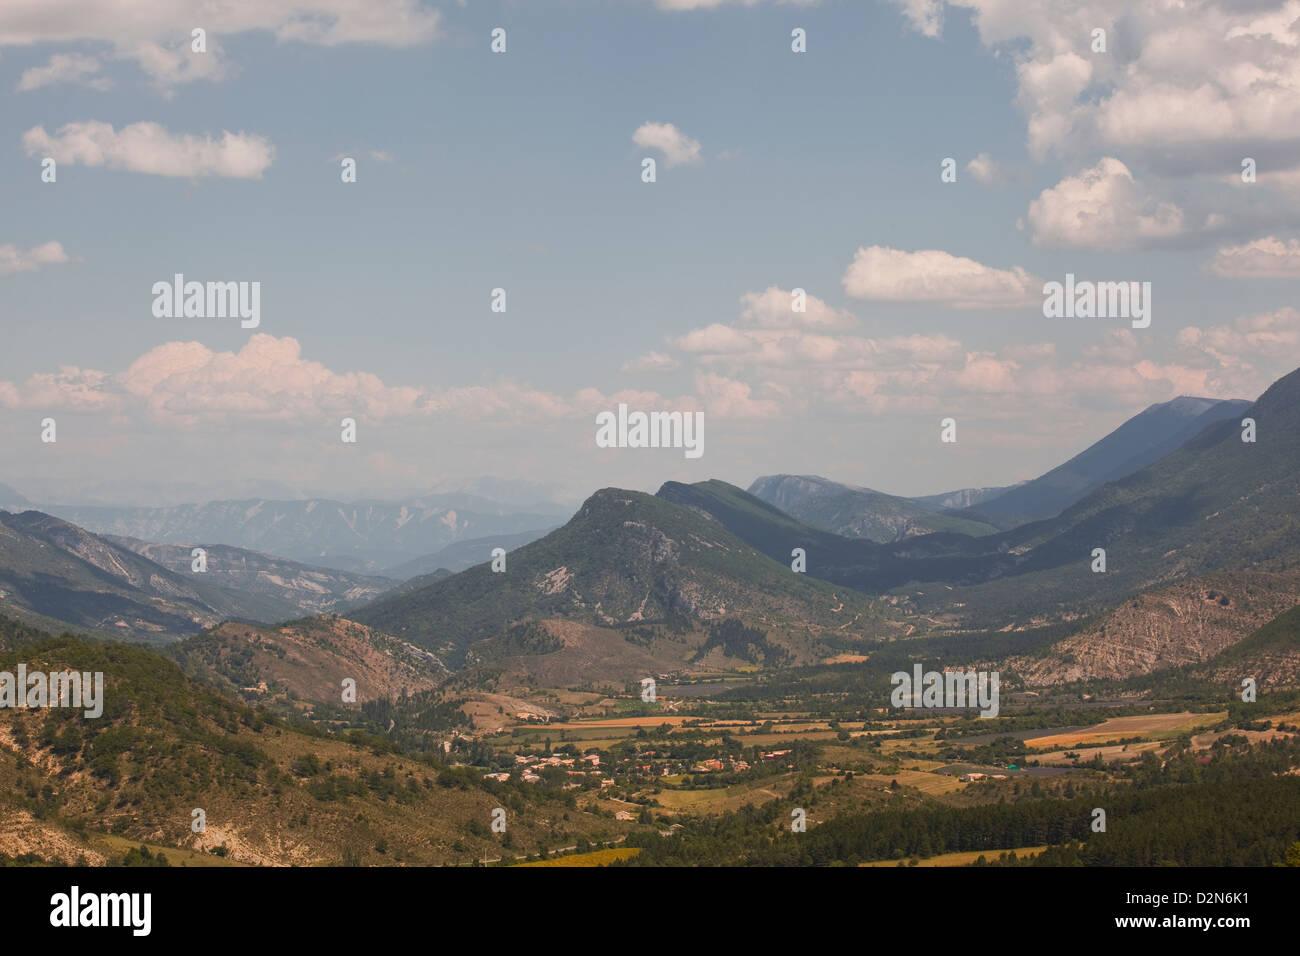 La vista verso la Montagne de Lure sul confine delle Alpes-de-Haute-Provence e Drome, Provence, Francia Immagini Stock